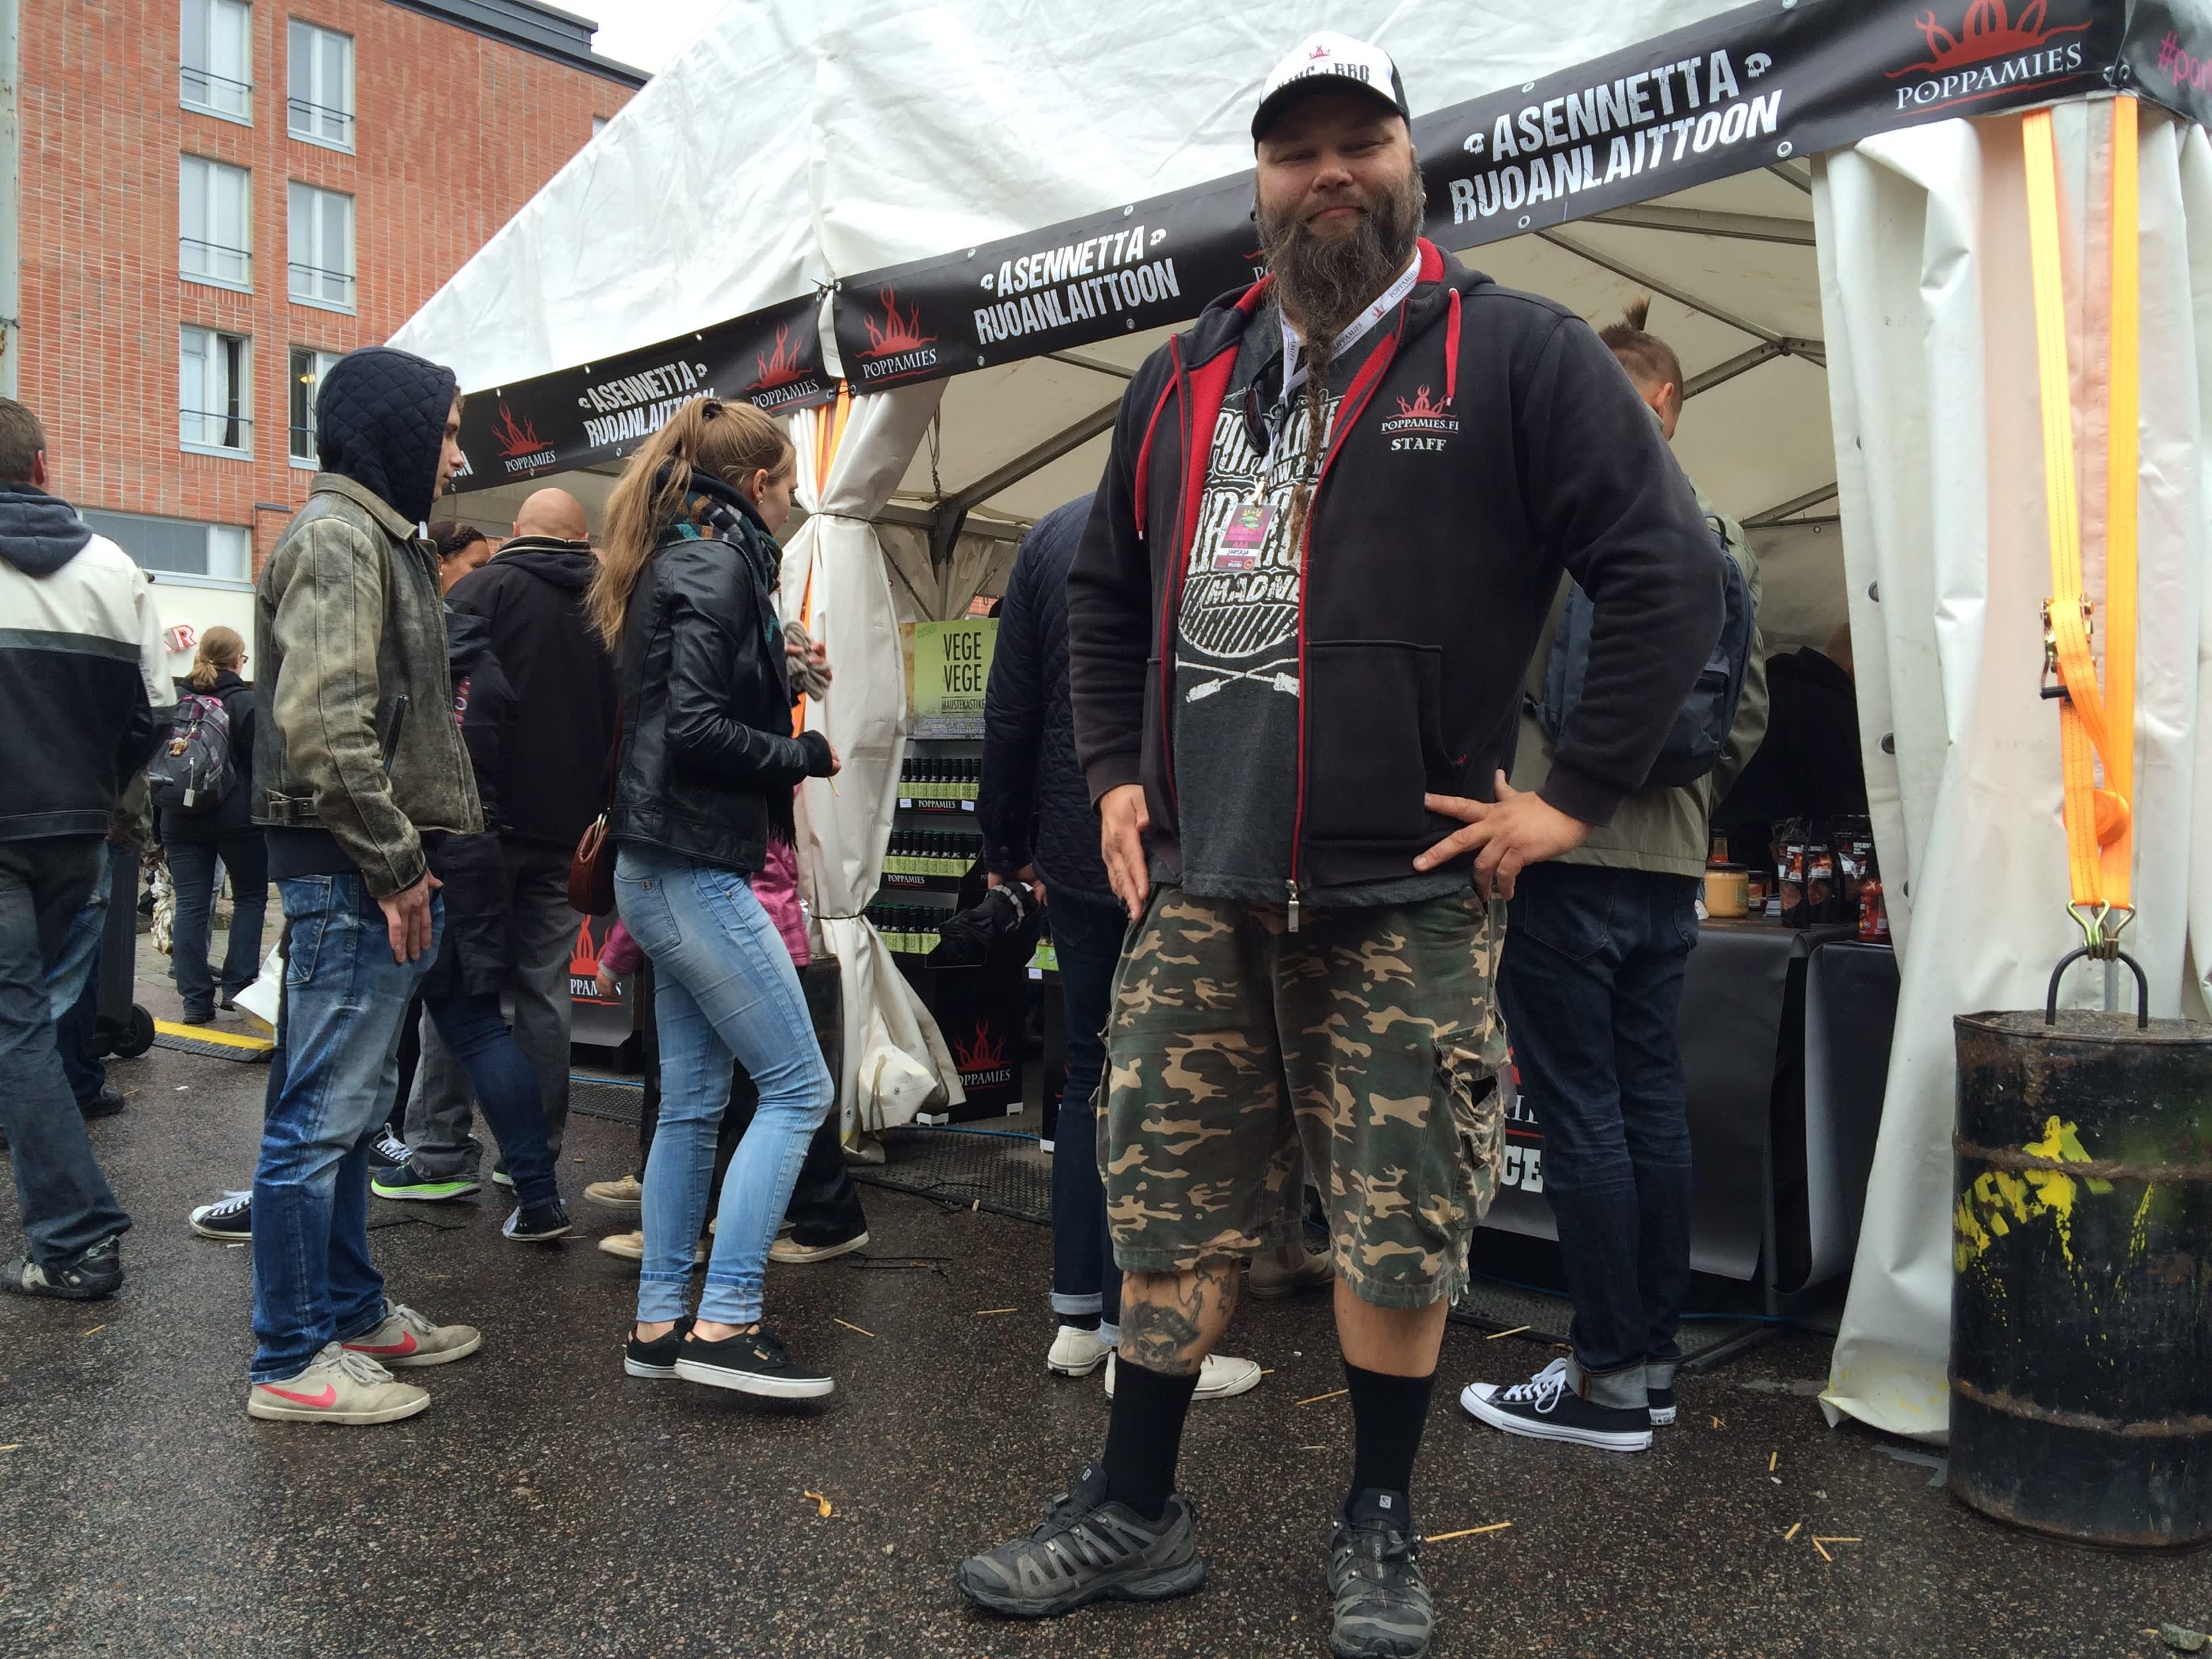 Poppamiehen toimitusjohtaja Marko Suksi seisoo myyntiteltan edessä Tampereen Tullintorilla Chilifest -tapahtumassa.